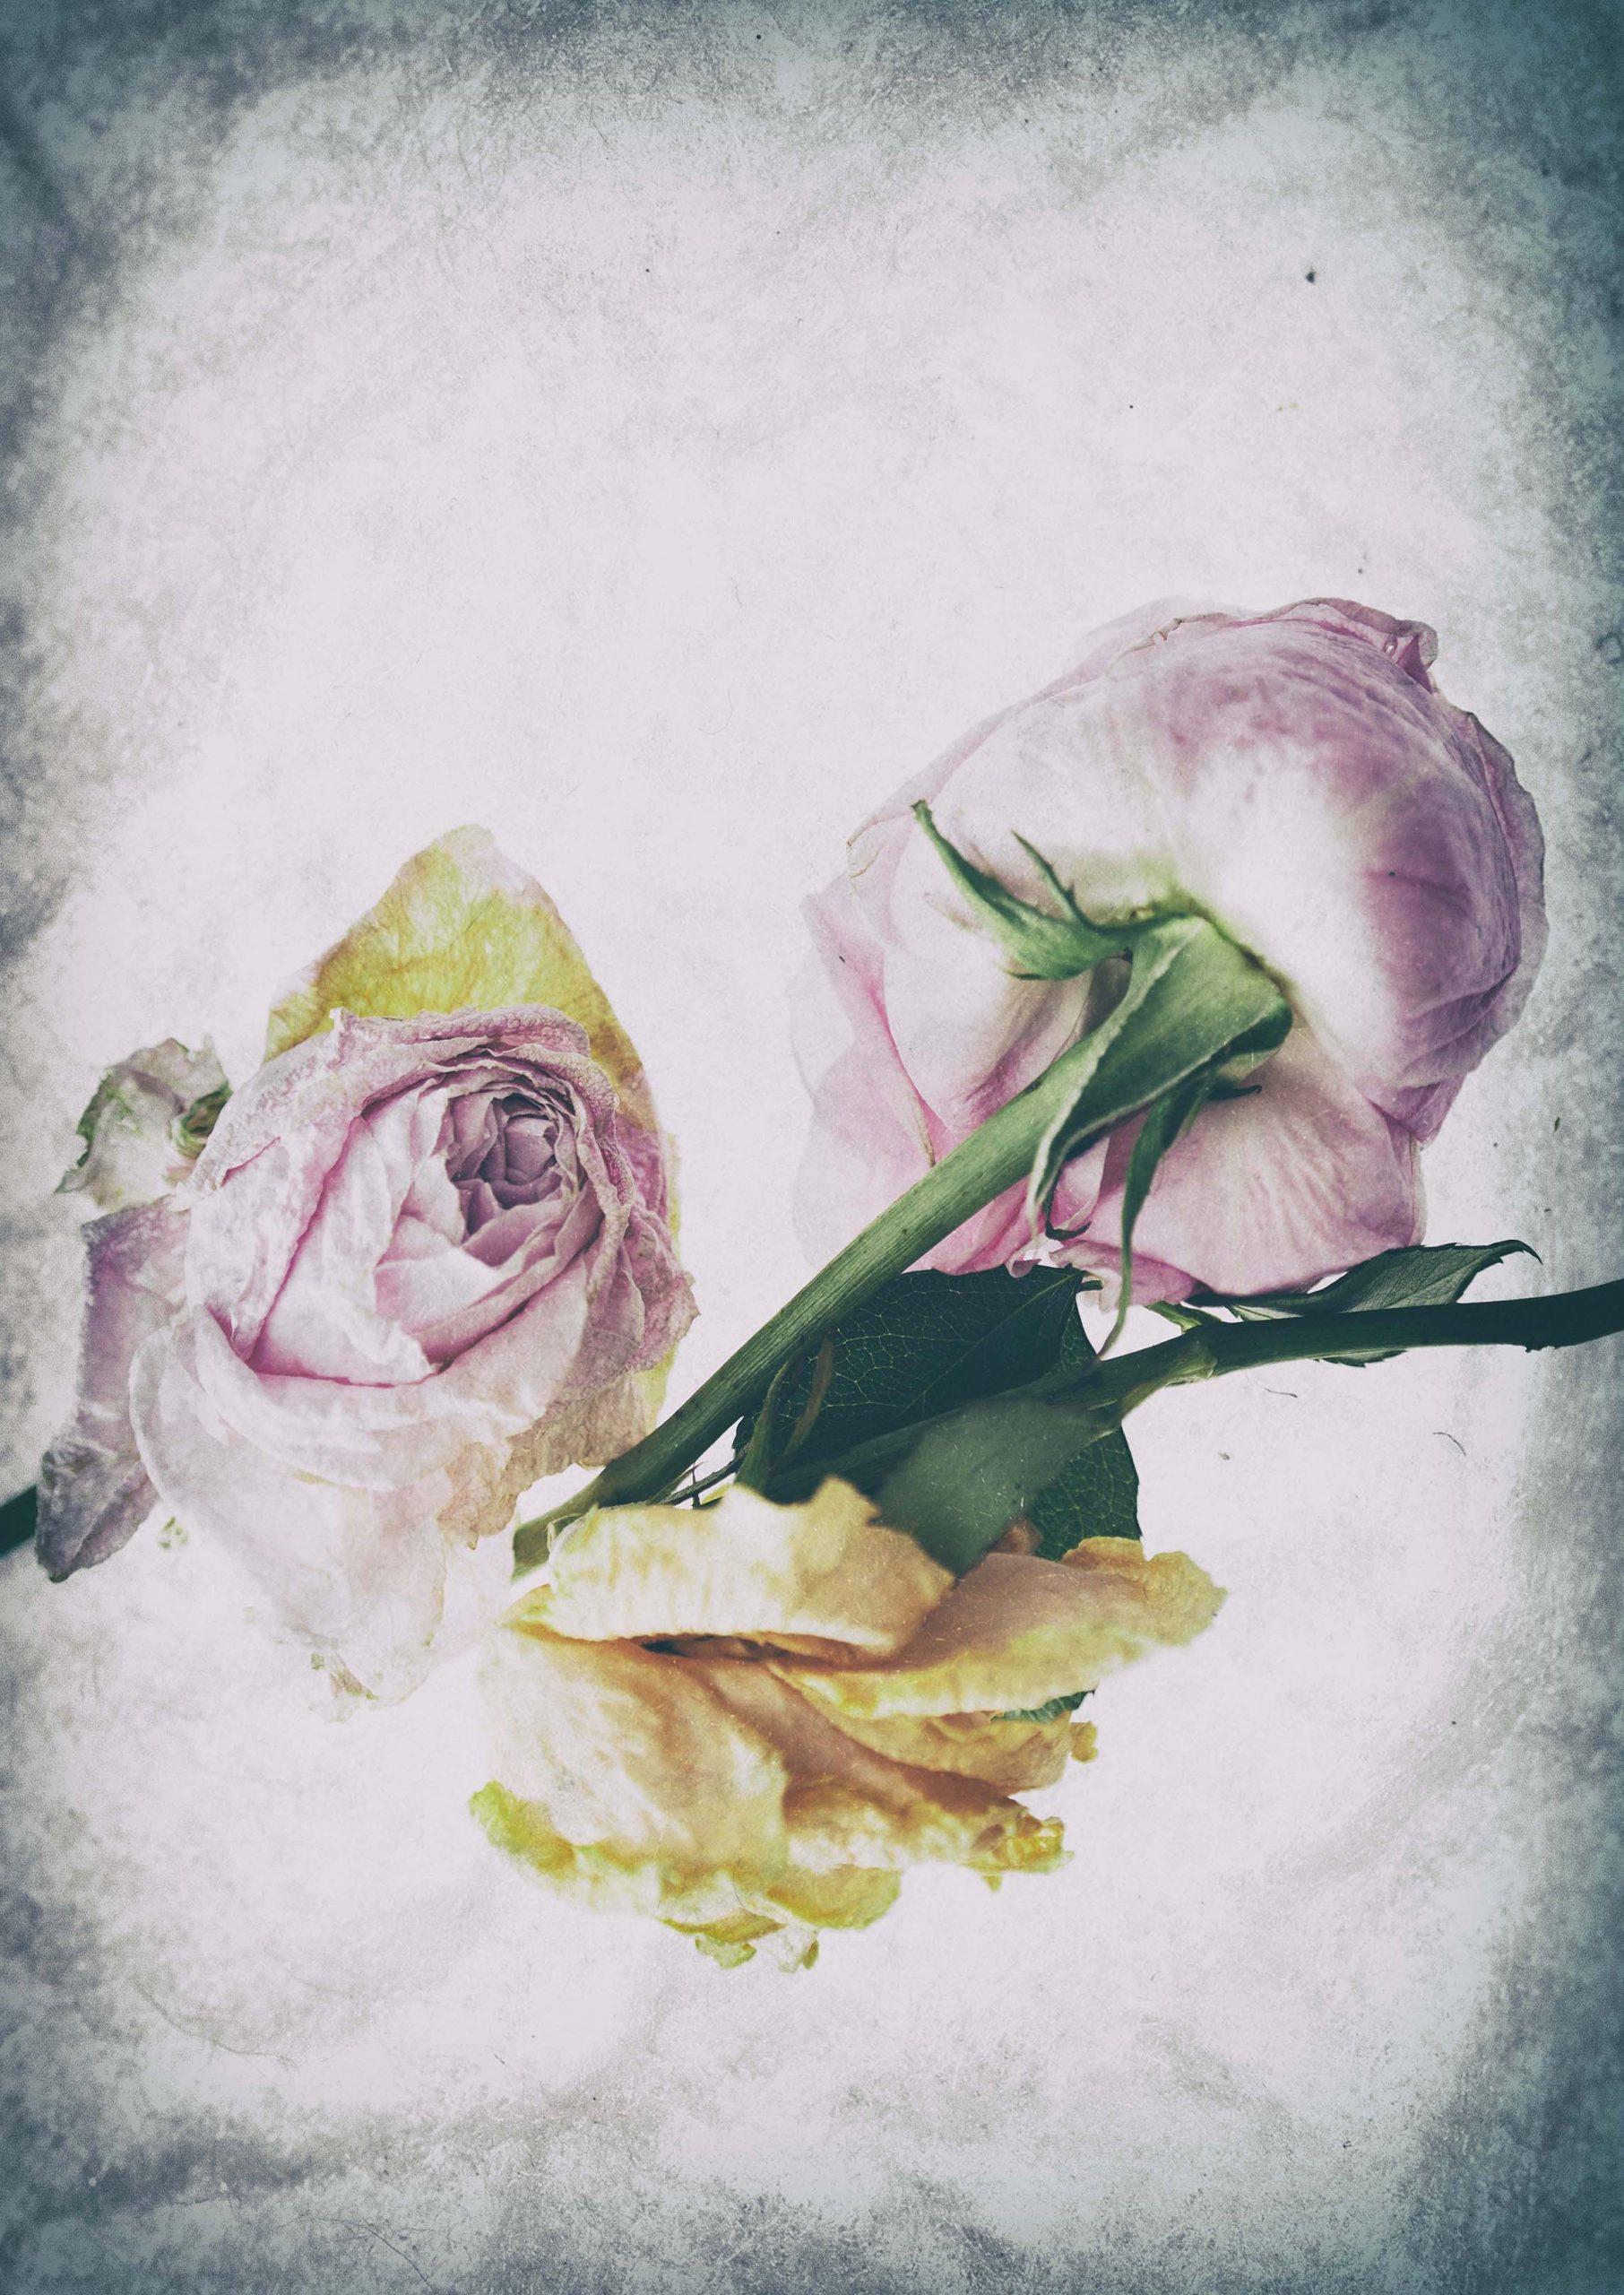 Blumen, Bilder, Rosen, duftene Rosen, Rosenjoghurt